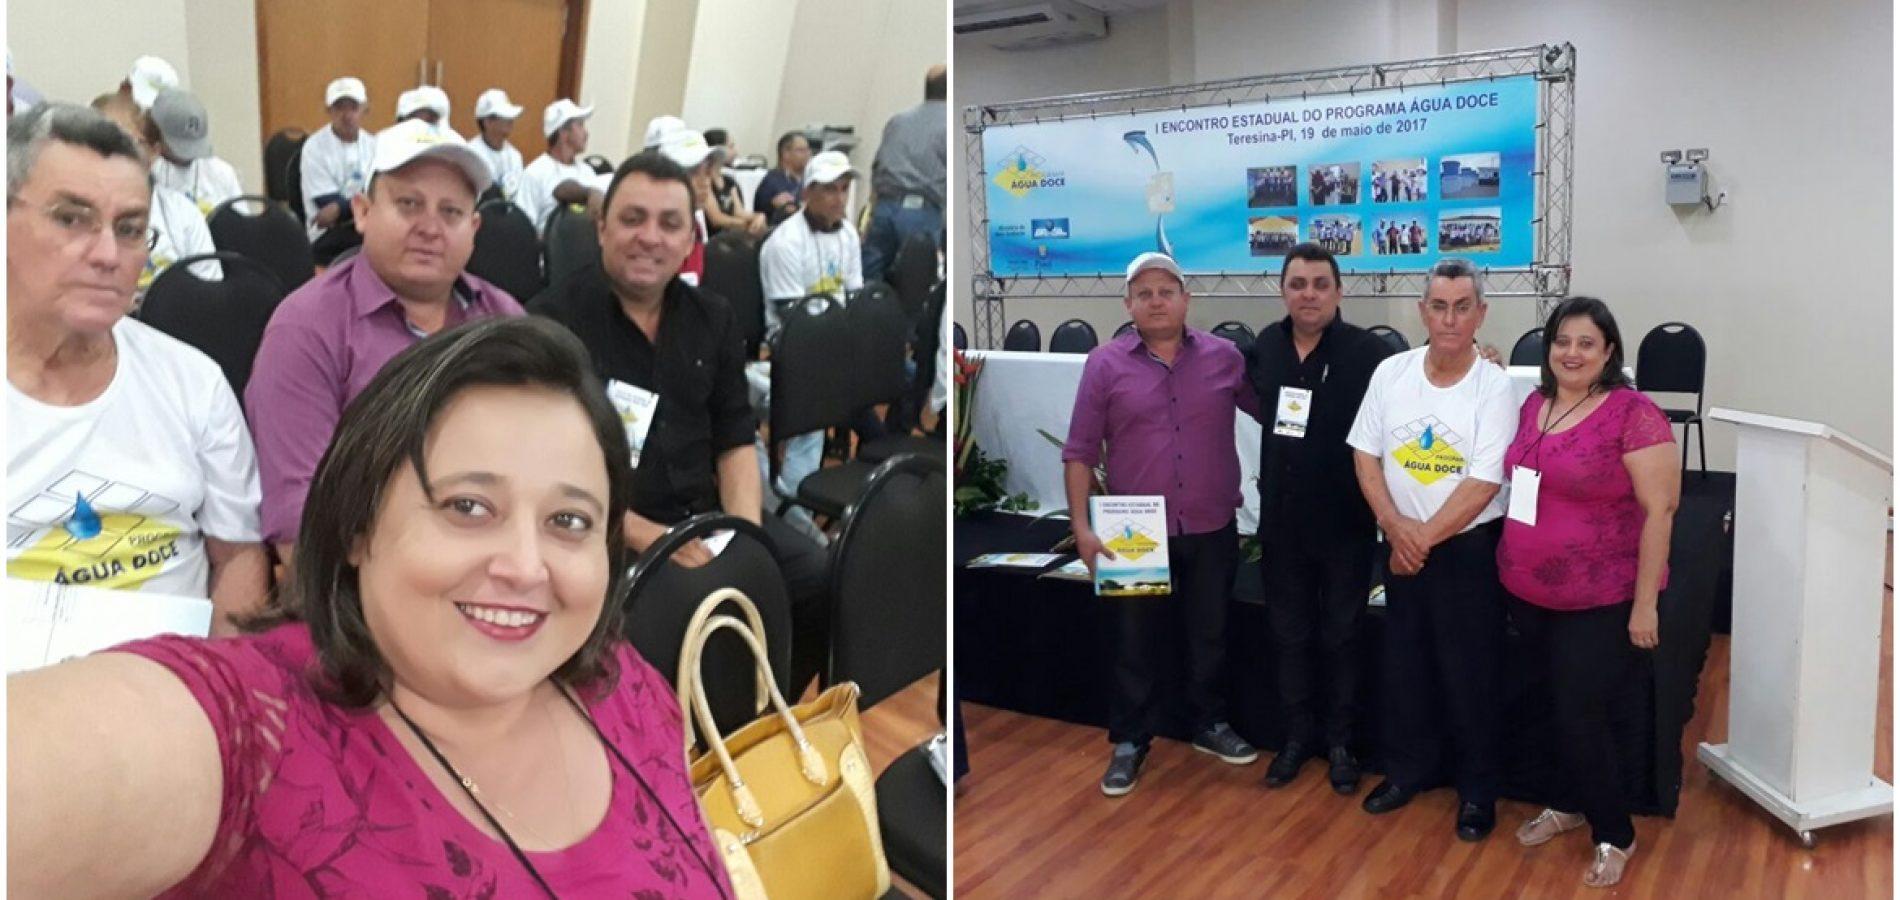 Em Teresina, representantes de Vila Nova participam de encontro estadual do Programa Água Doce